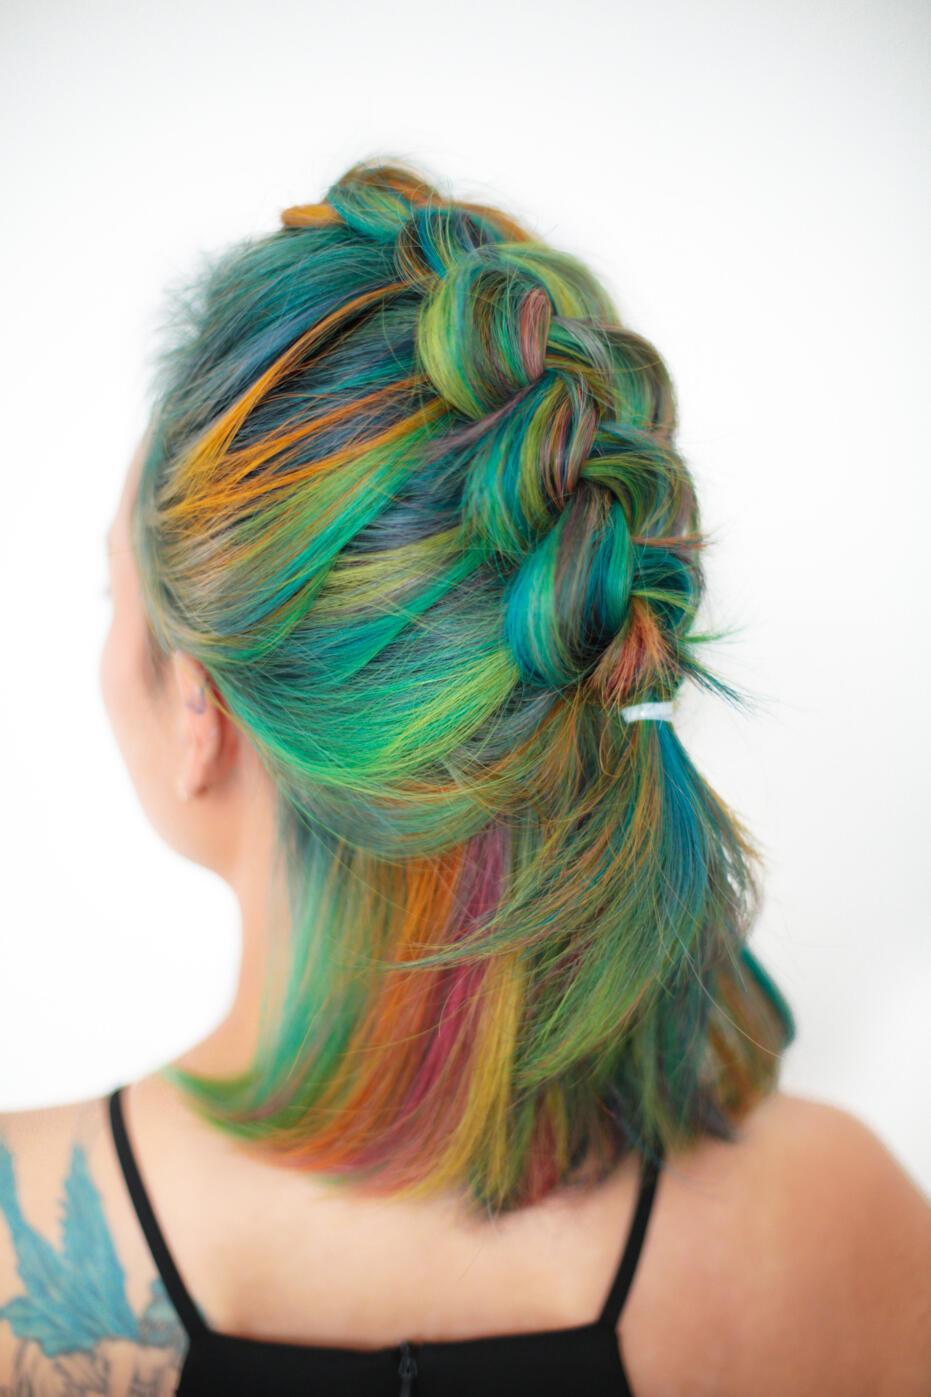 joyce-wong-green-hair-centro-hair-salon-ikwan-hamid-13